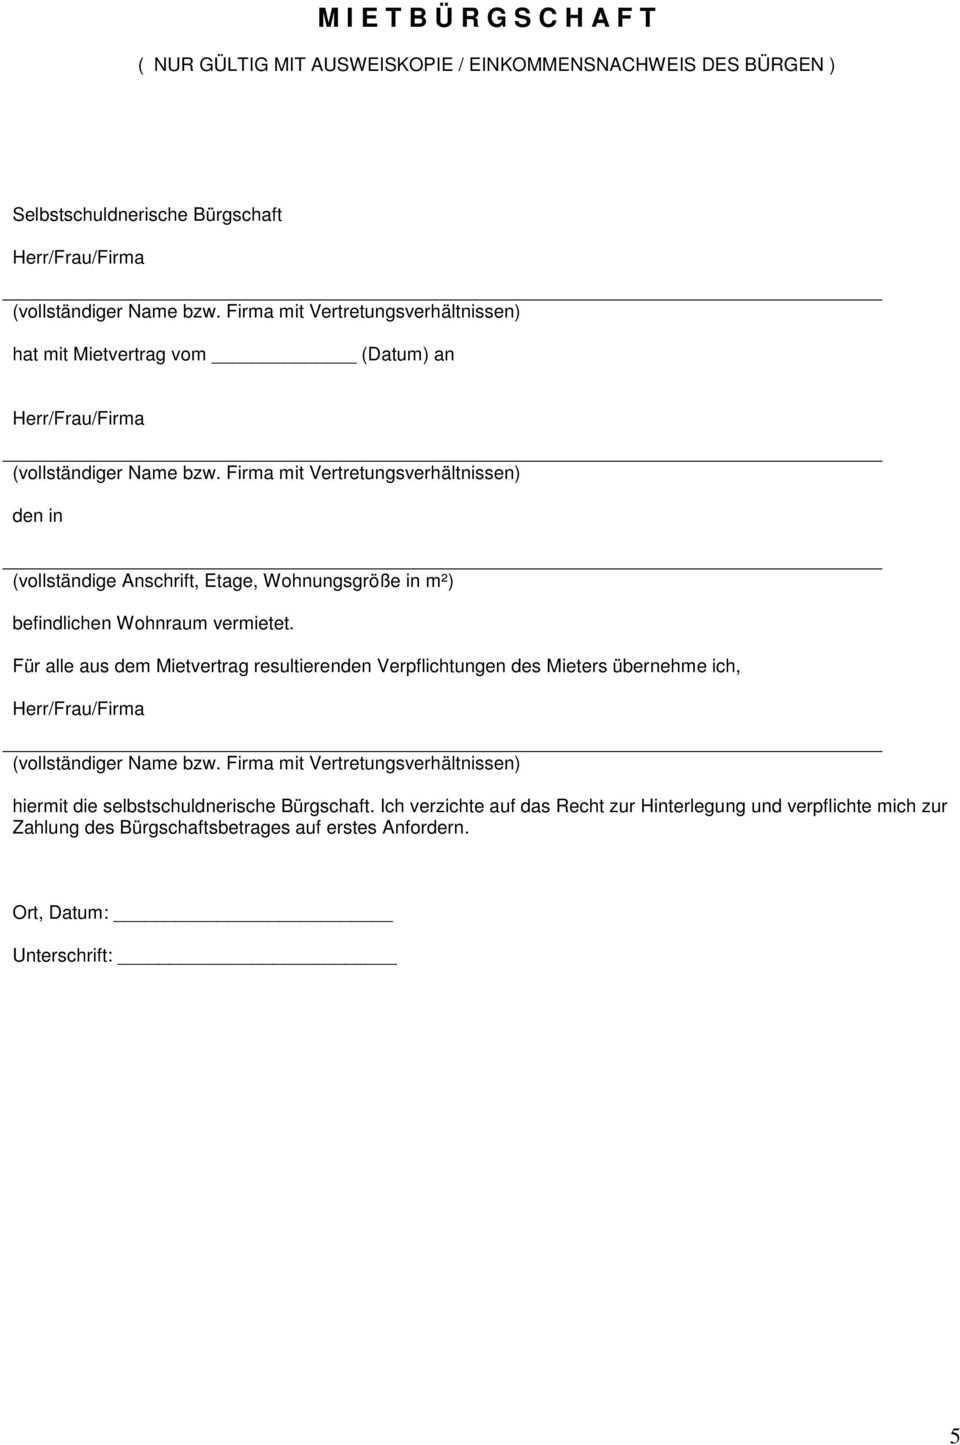 1 Einkommensnachweise Der Letzten 3 Monate Verdienstnachweise Rentenbescheide Burgschaften Pdf Free Download